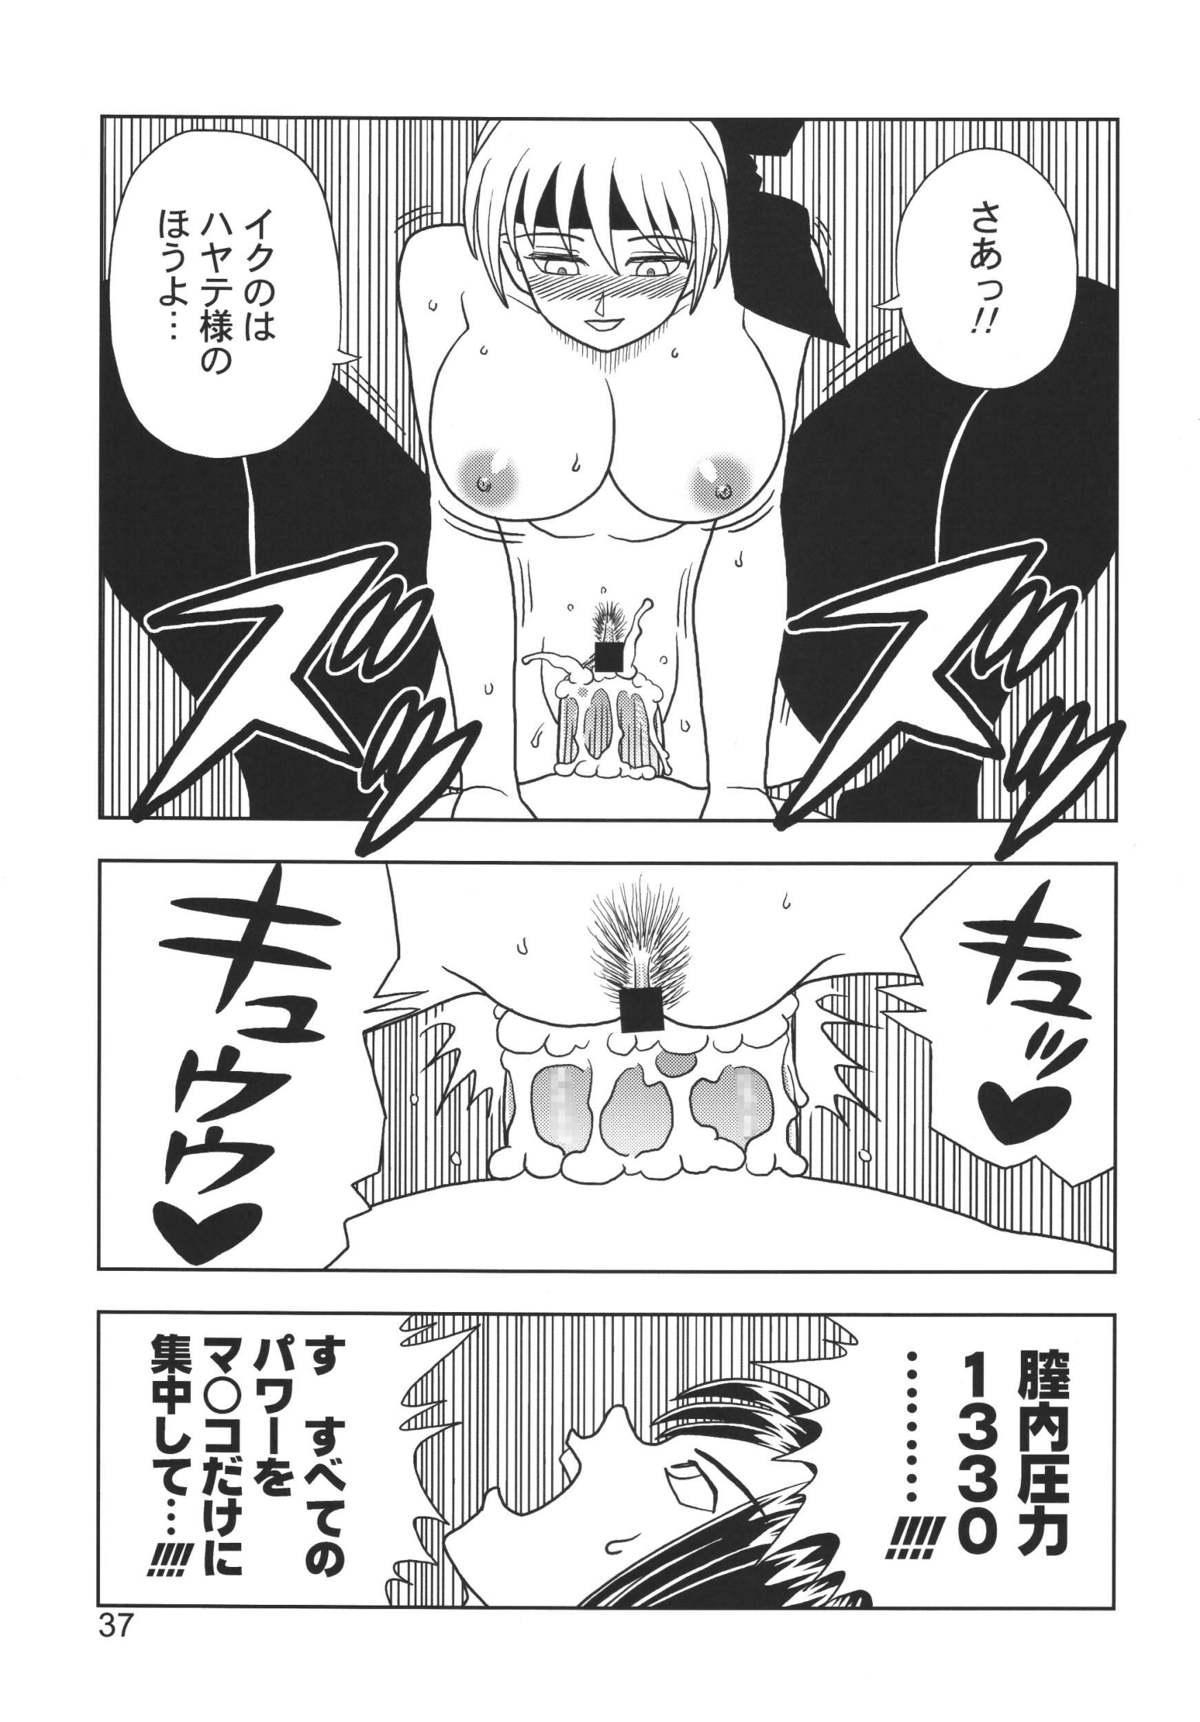 Kasumi or Ayane 36